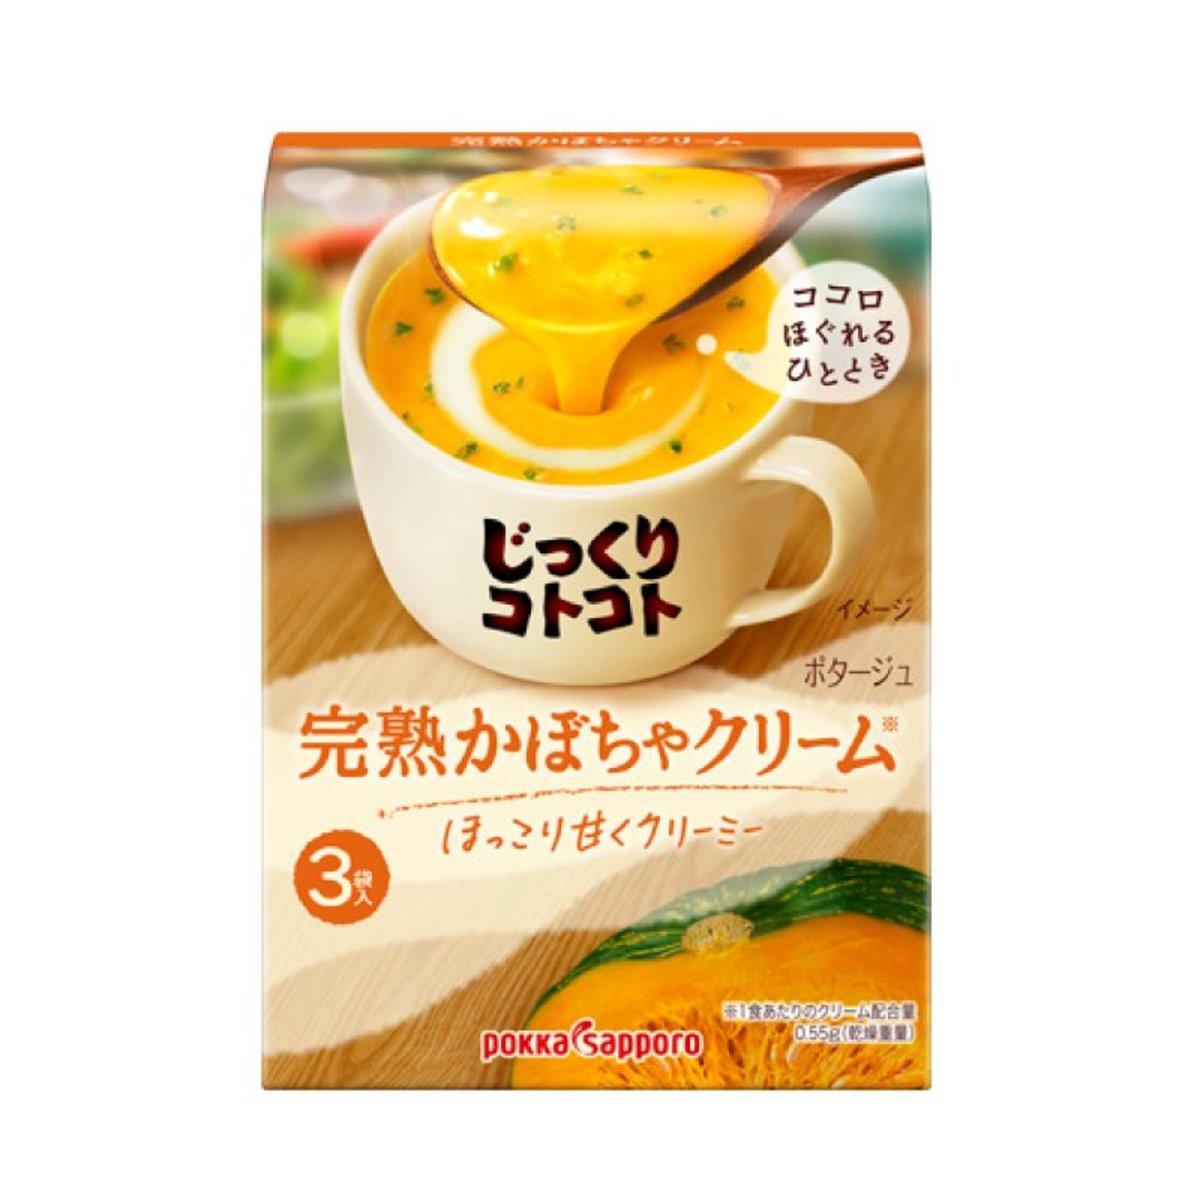 完熟南瓜忌廉濃湯(3袋入)  59.4g